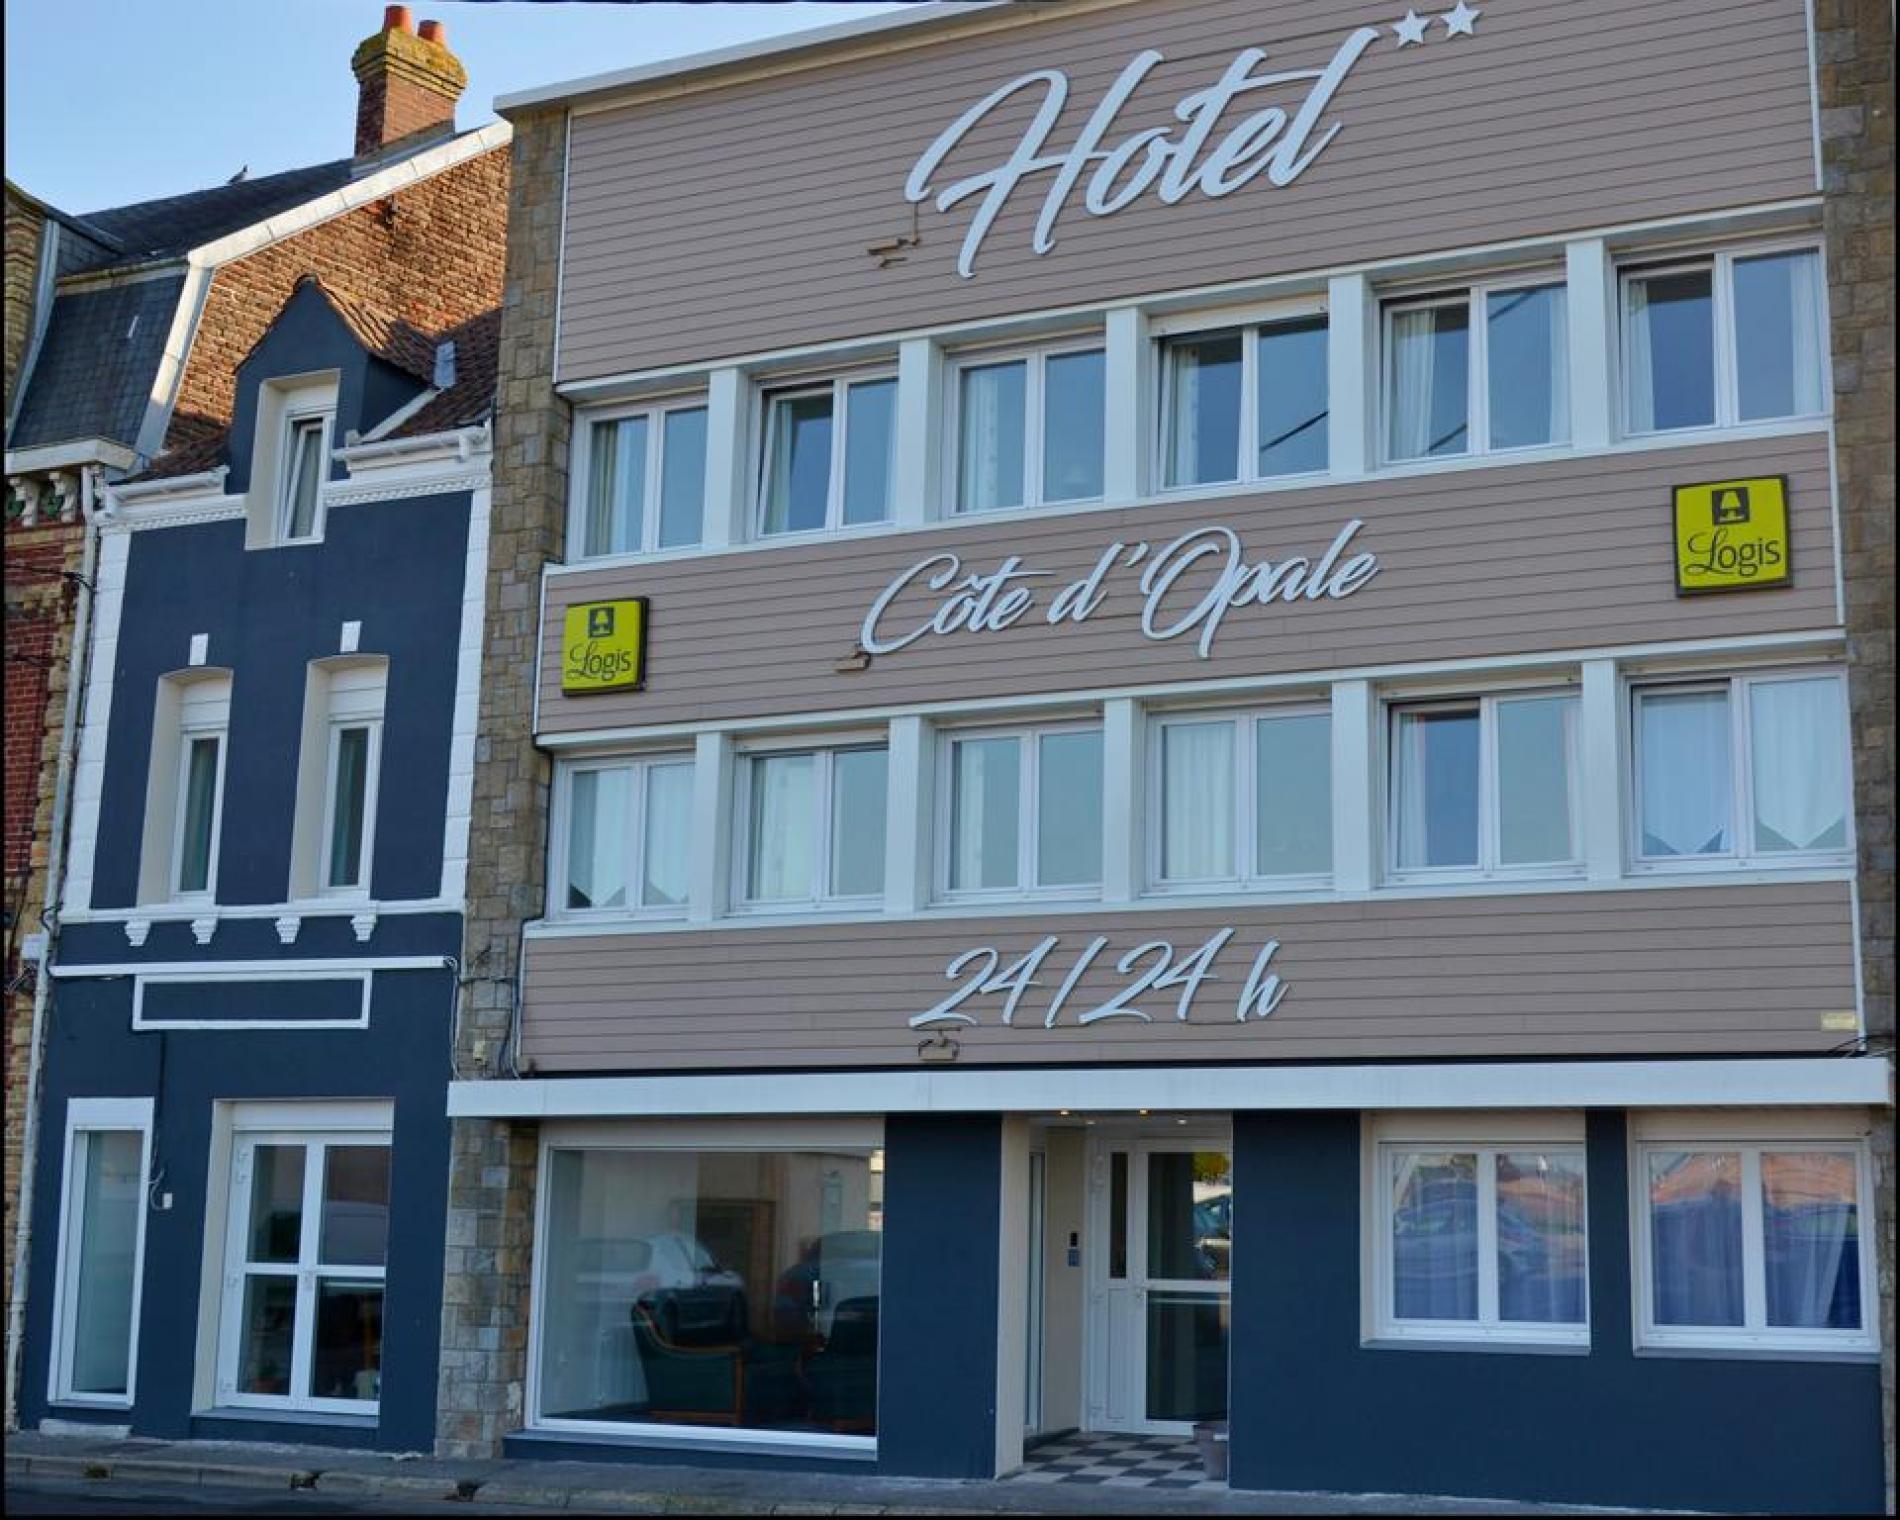 Logis Hôtel Côte d'Opale